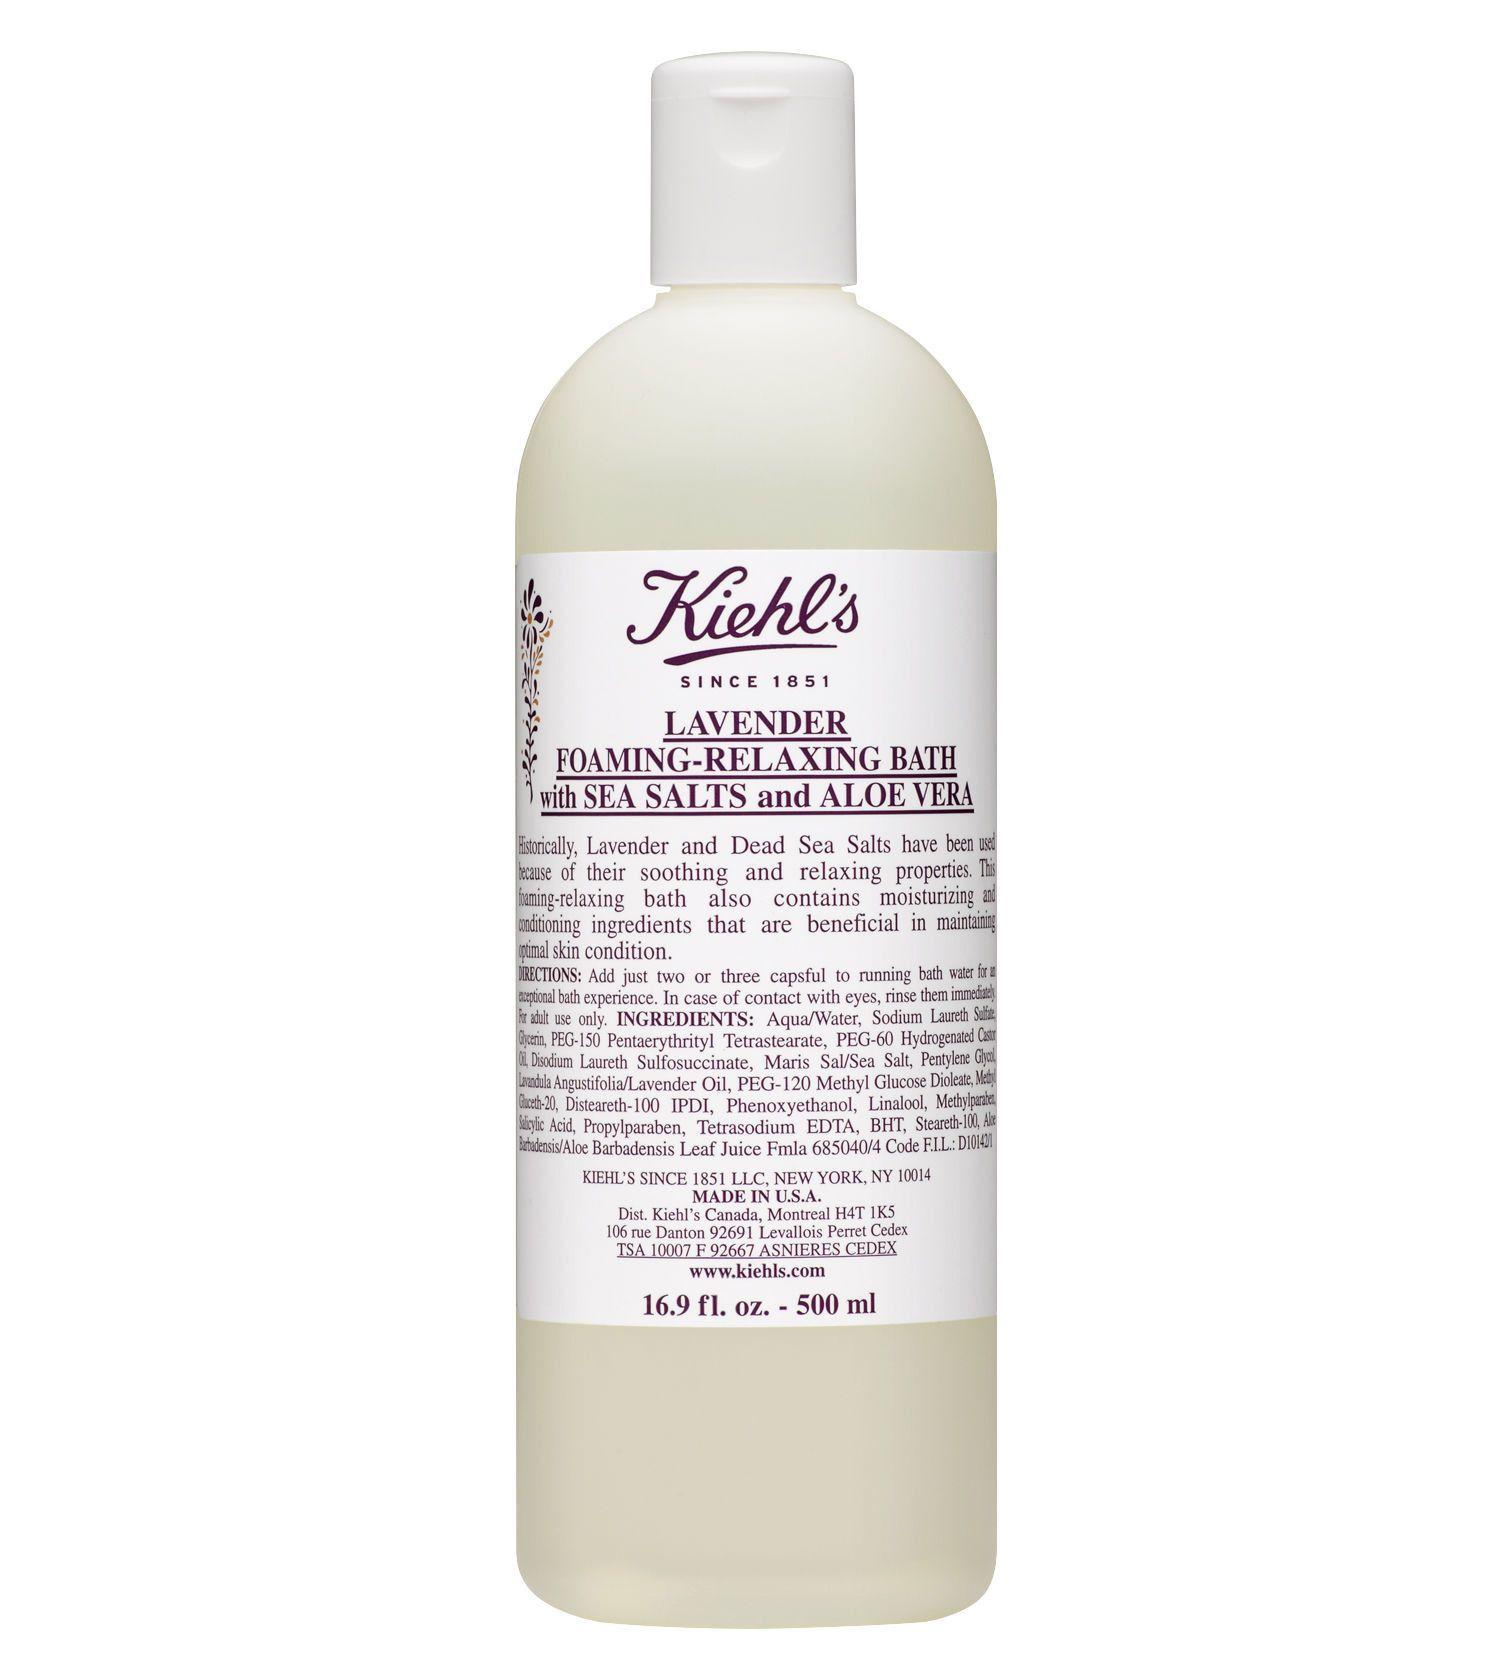 Kiehl's Lavender Foaming-Relaxing Bath